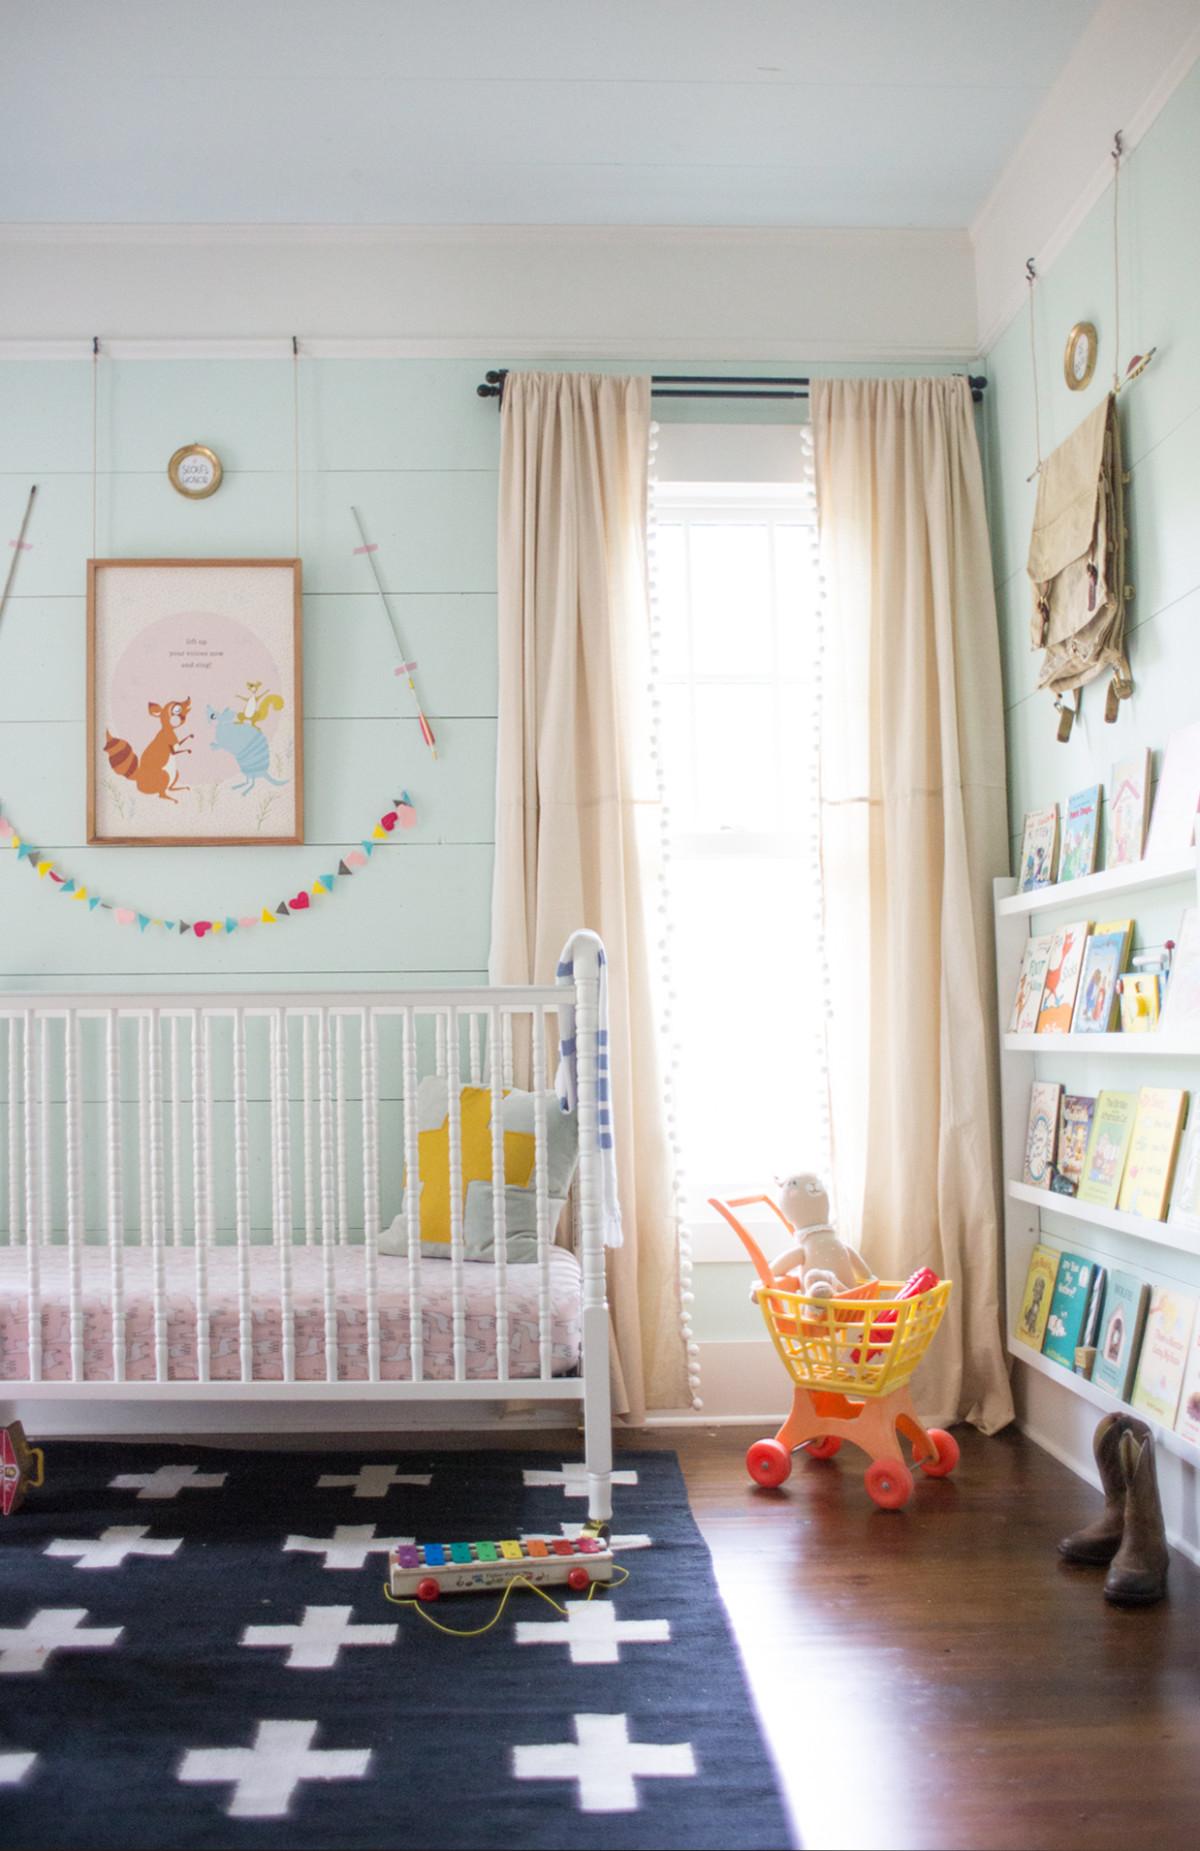 Diy Paint Dropcloth Curtains Lay Baby Lay